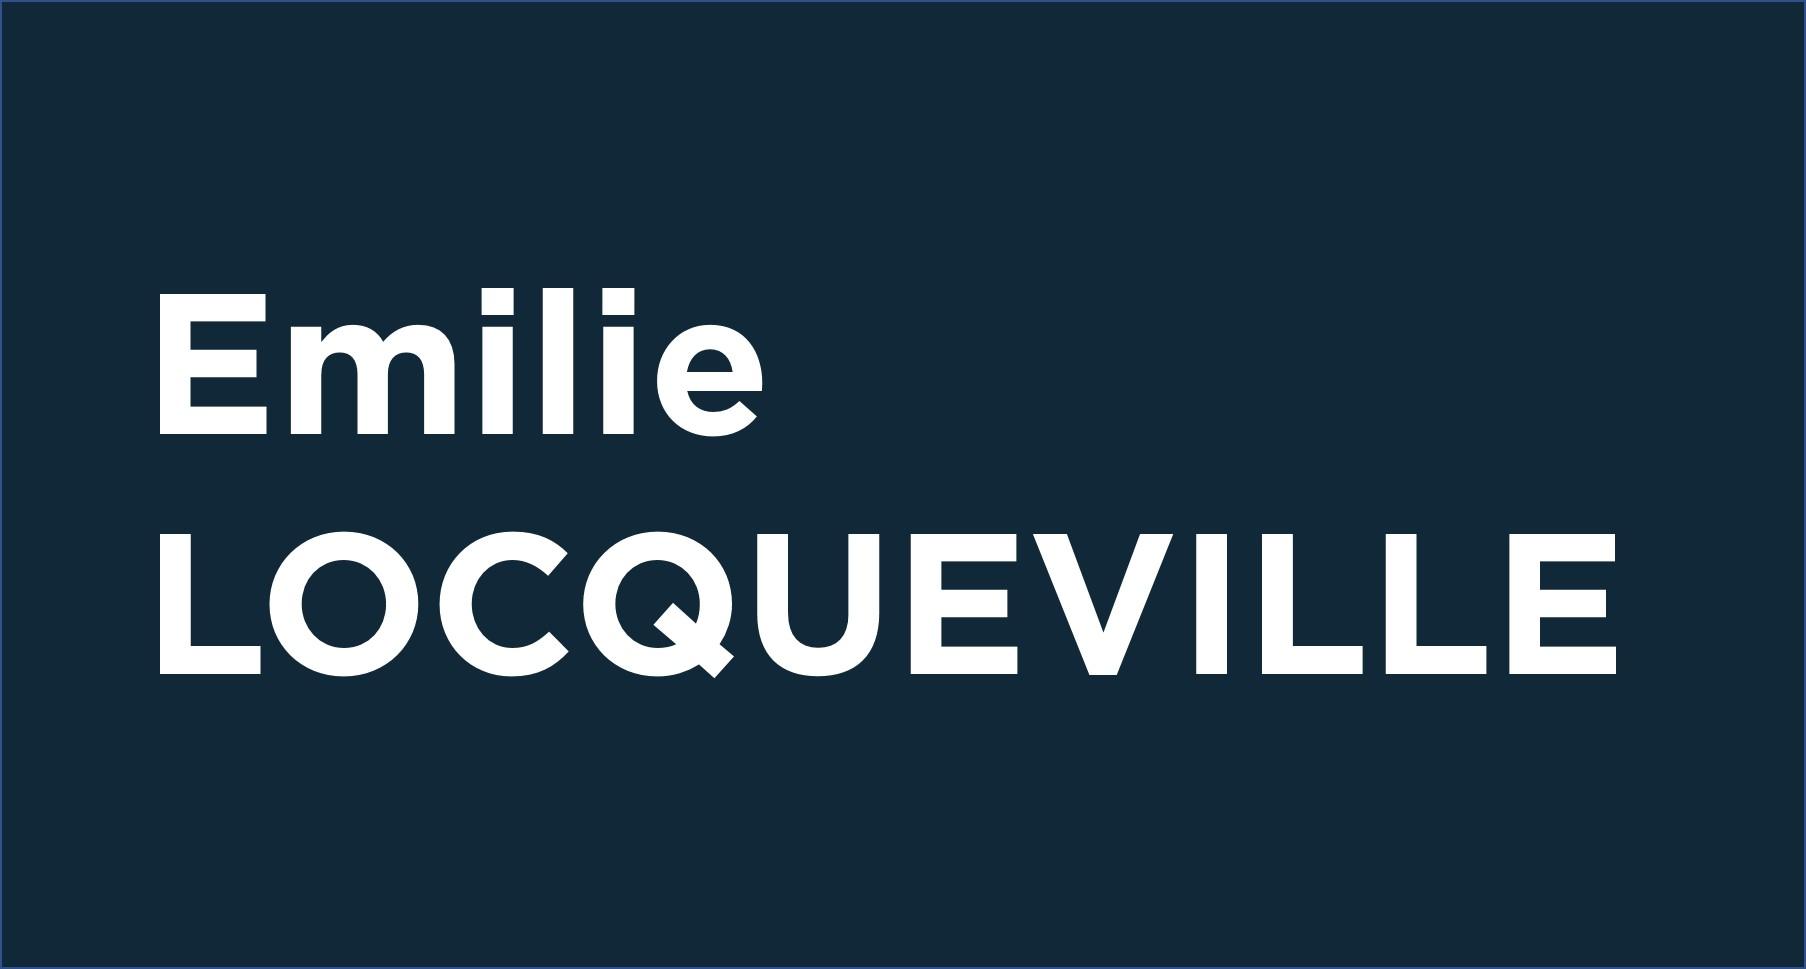 Emilie Locqueville